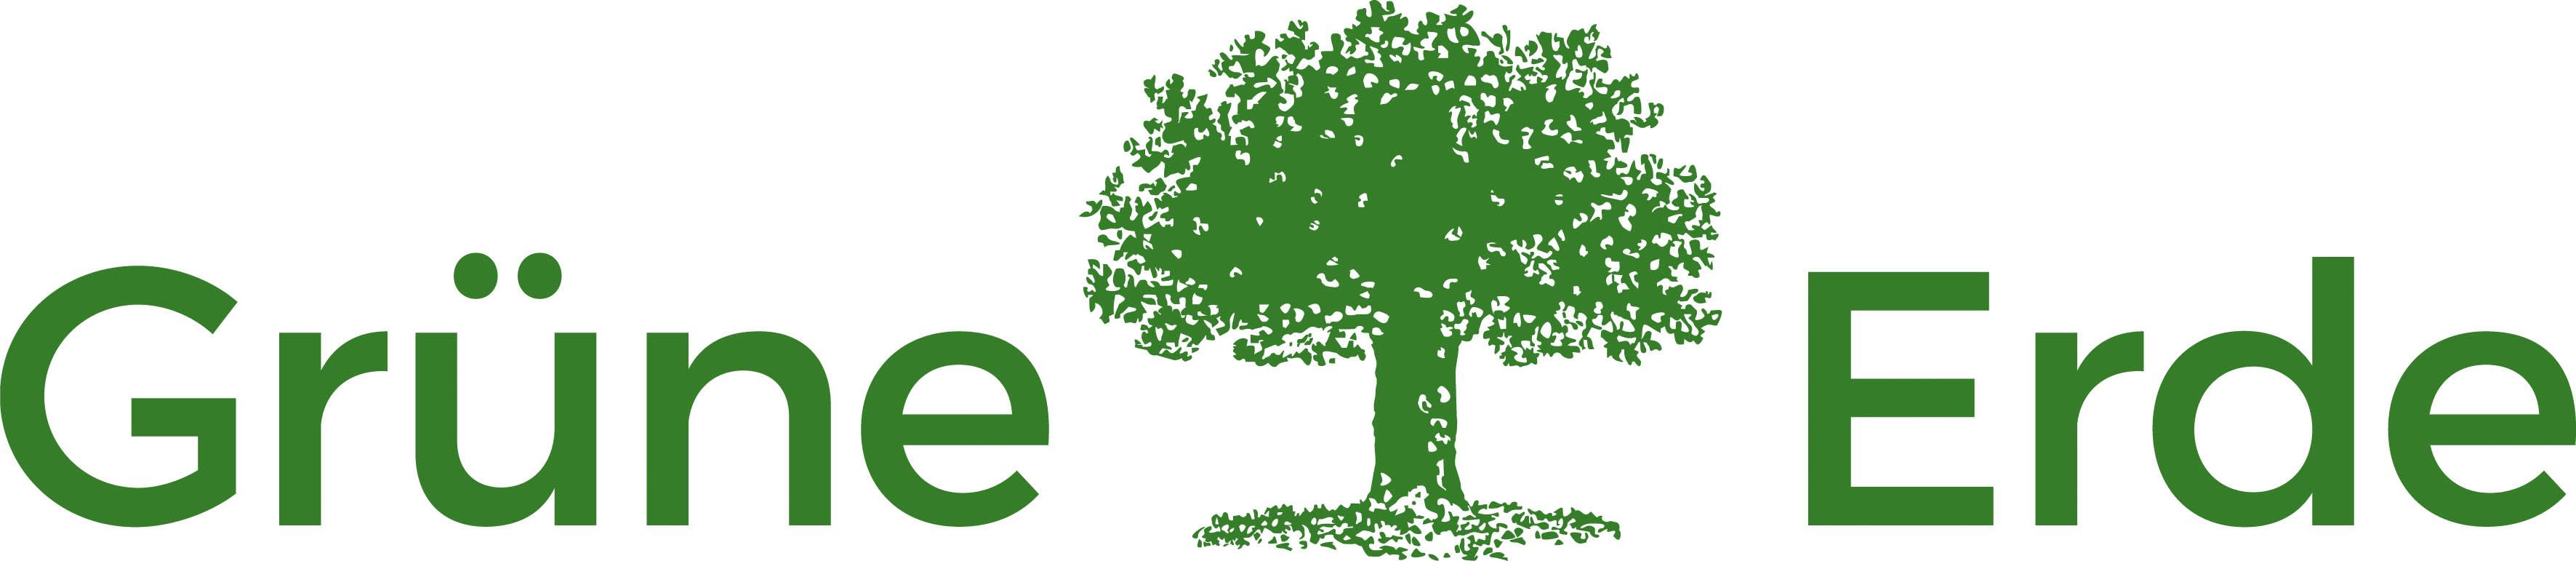 Grüne Erde-Welt